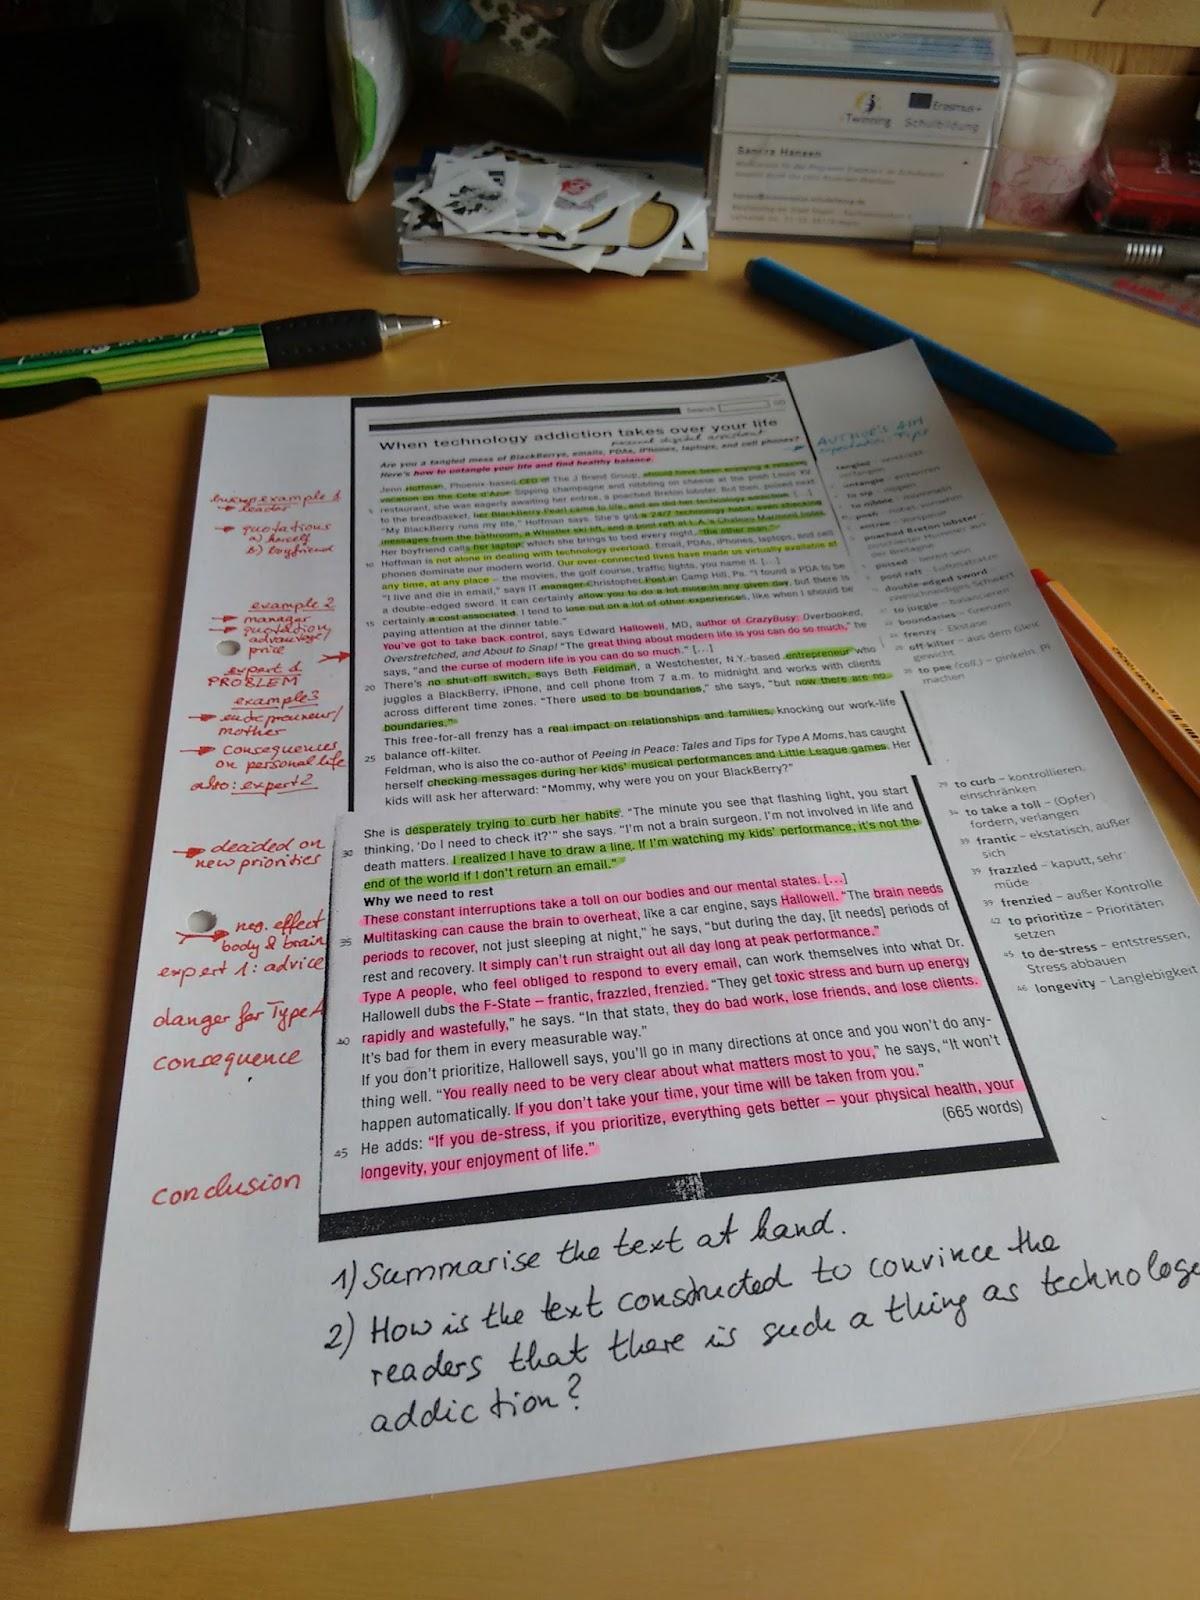 sandrasstrickstuecke: Meine Woche / My week